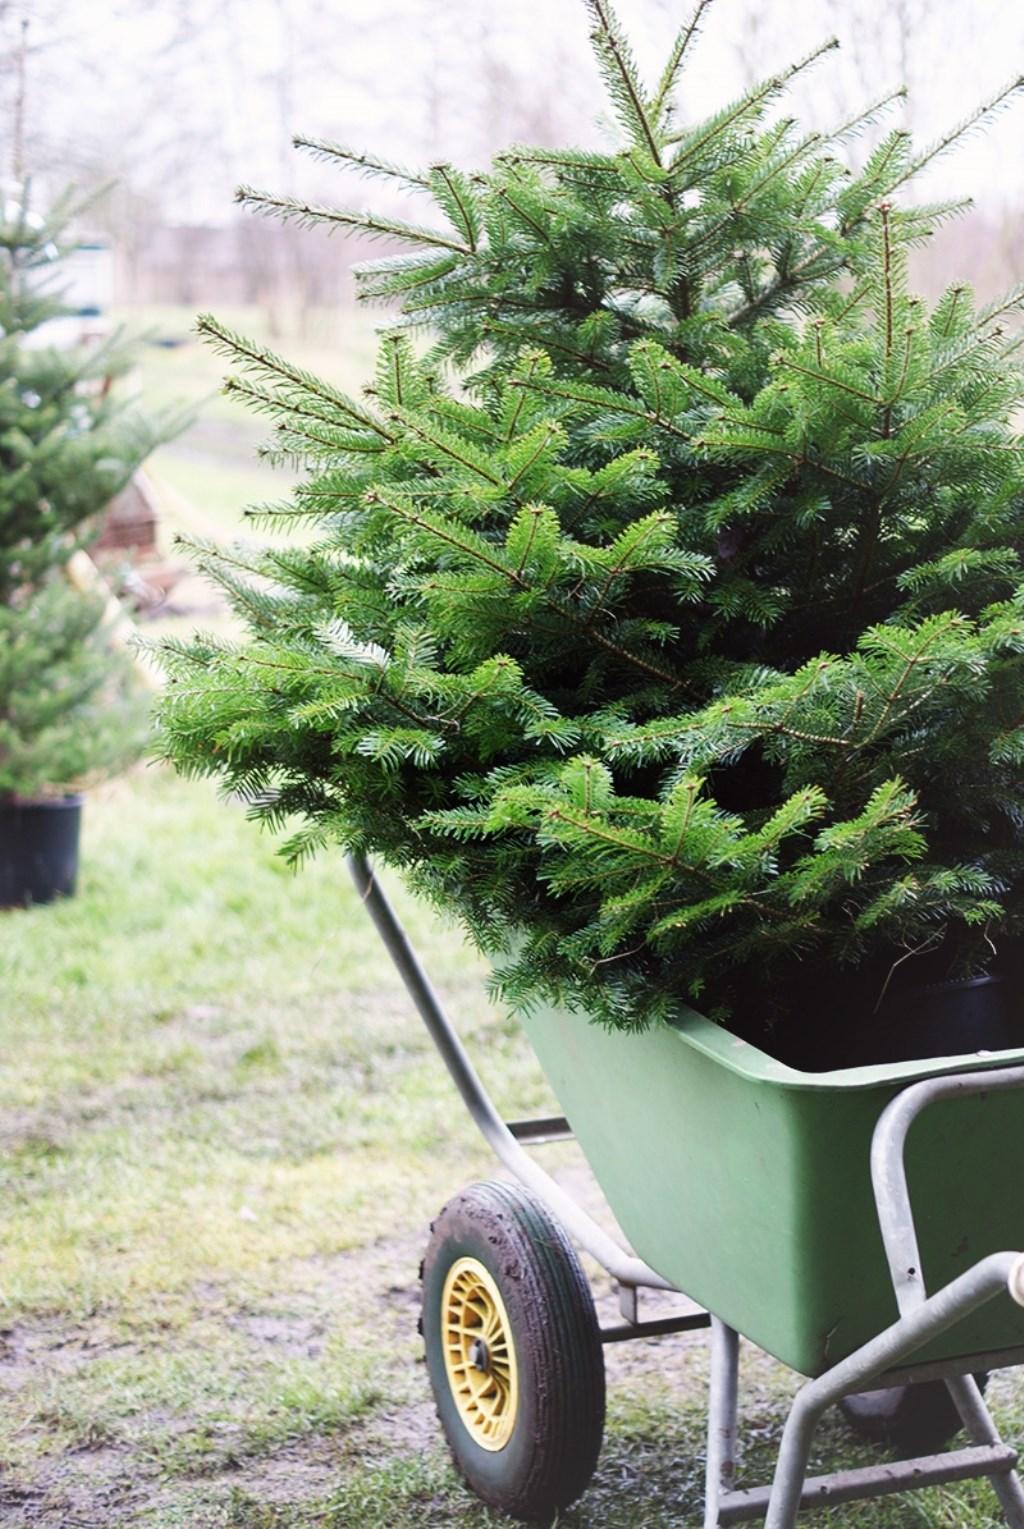 adoptieboom op de kwekerij Foto: Adopteereenkerstboom © Persgroep